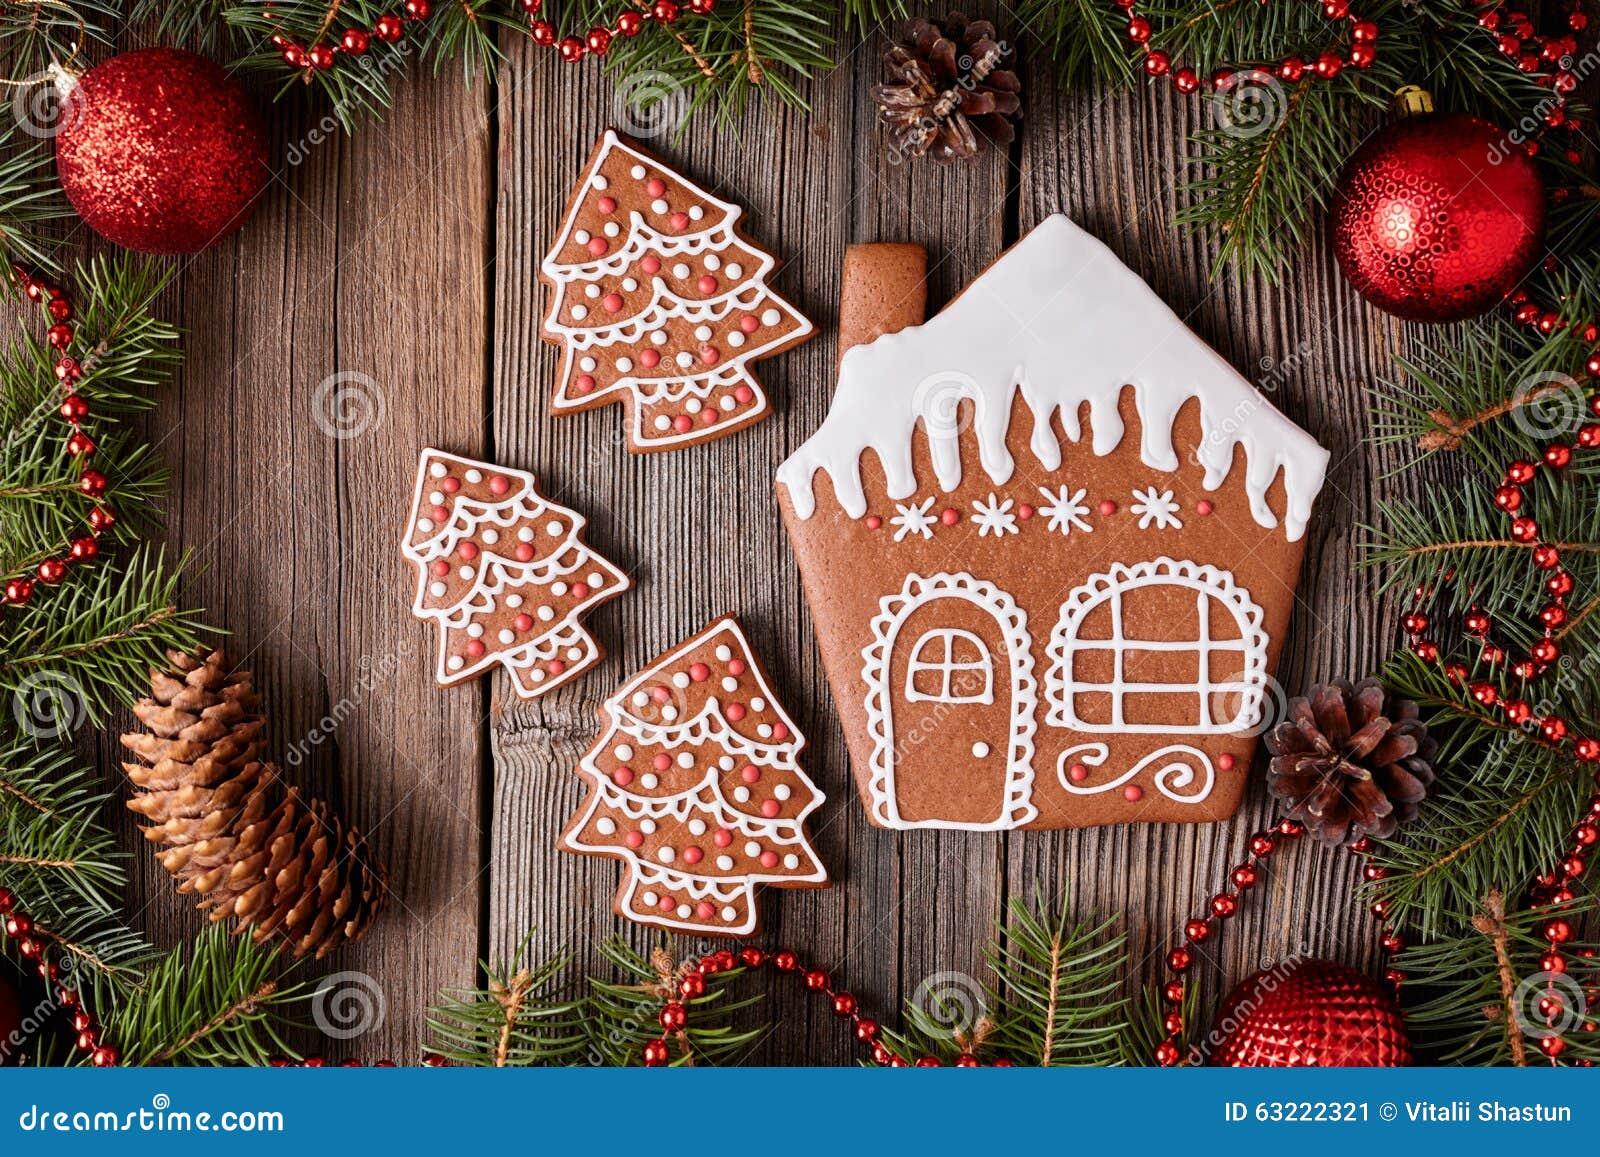 Biscotti Decorati Per Albero Di Natale.Biscotti Dell Albero Della Casa E Della Pelliccia Di Pan Di Zenzero